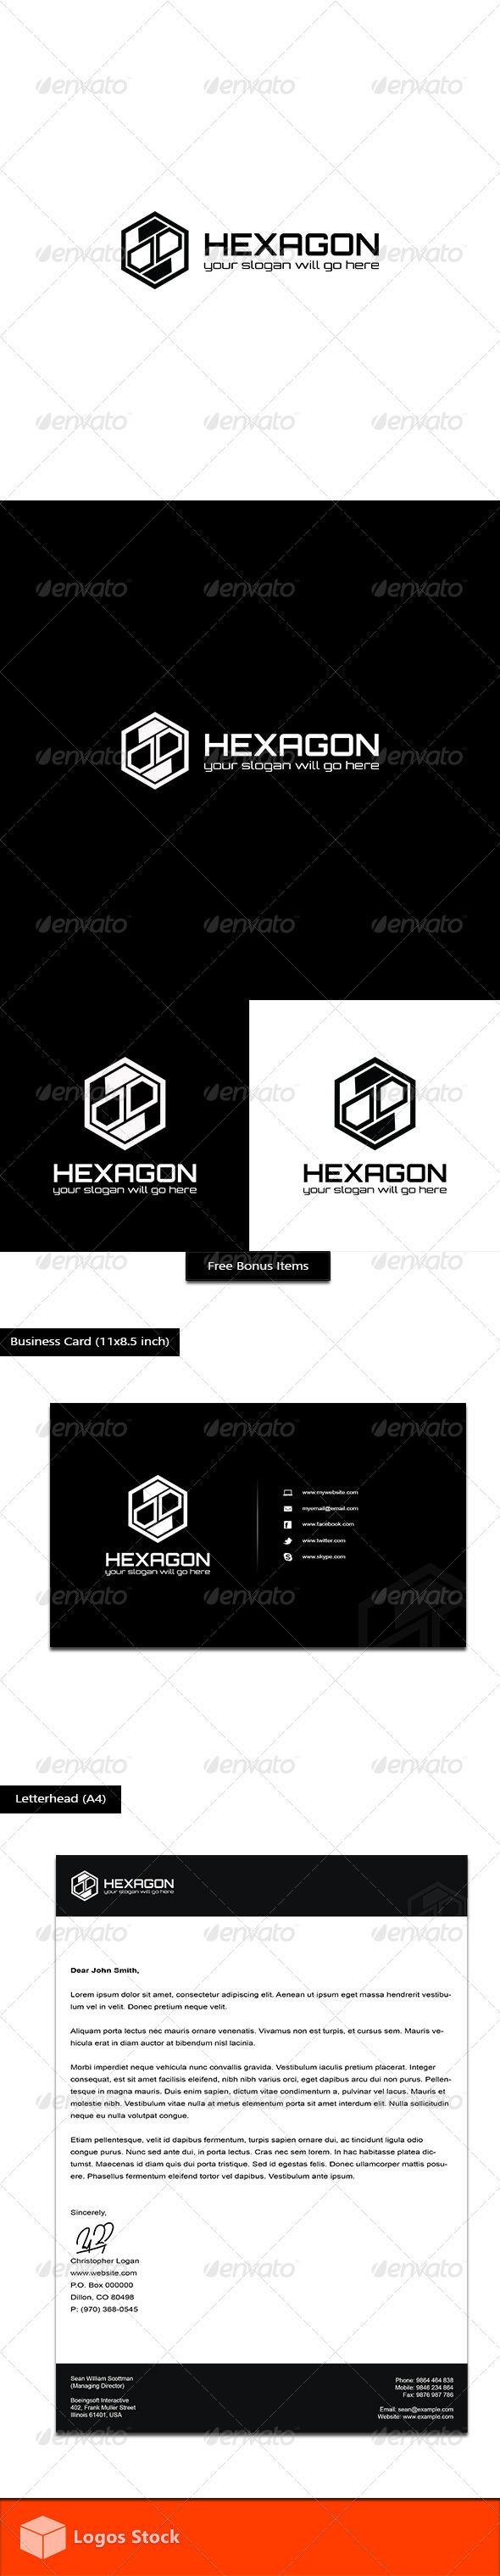 GraphicRiver Abstract Logo Hexagon 3402417